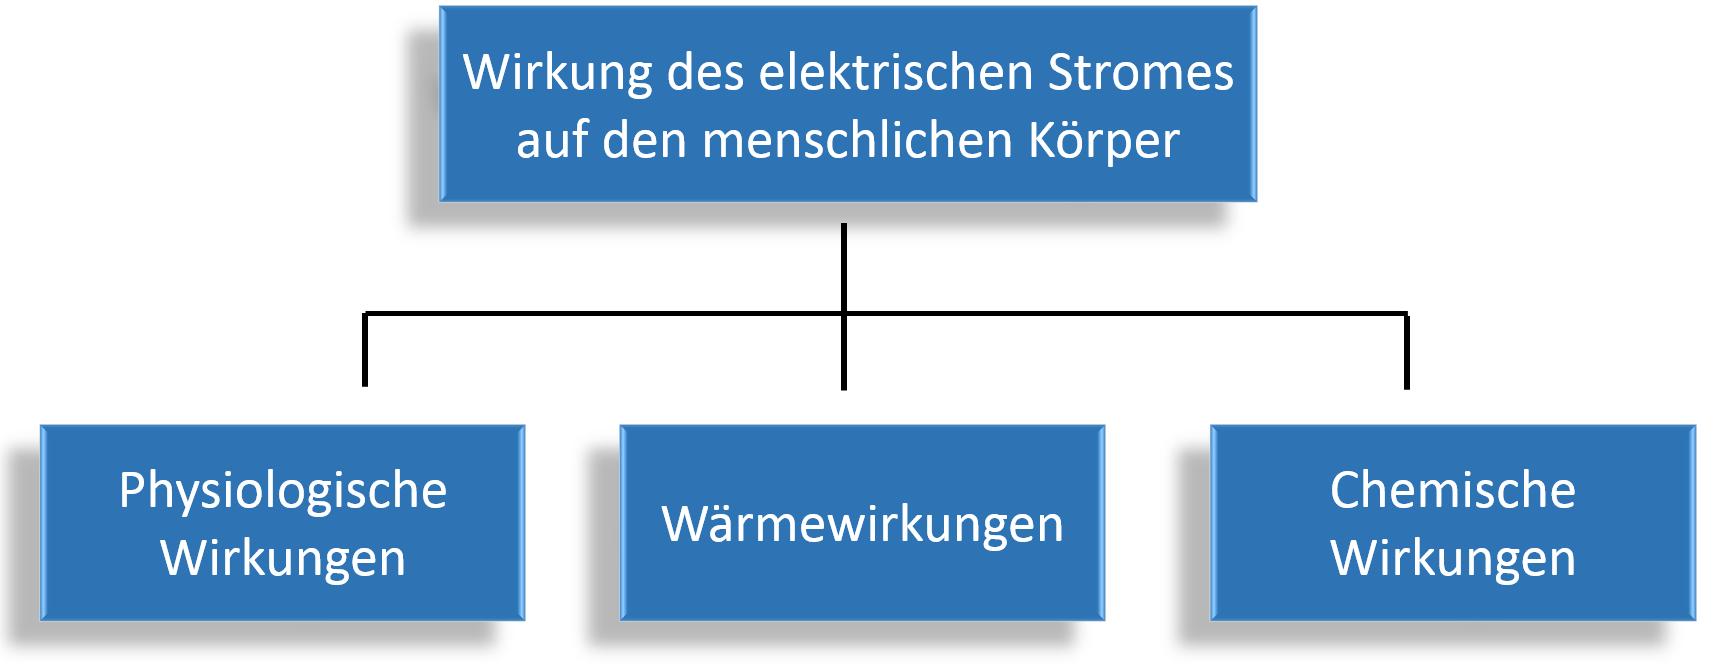 Elektrosicherheit Wirkungen des elektrischen Stromes